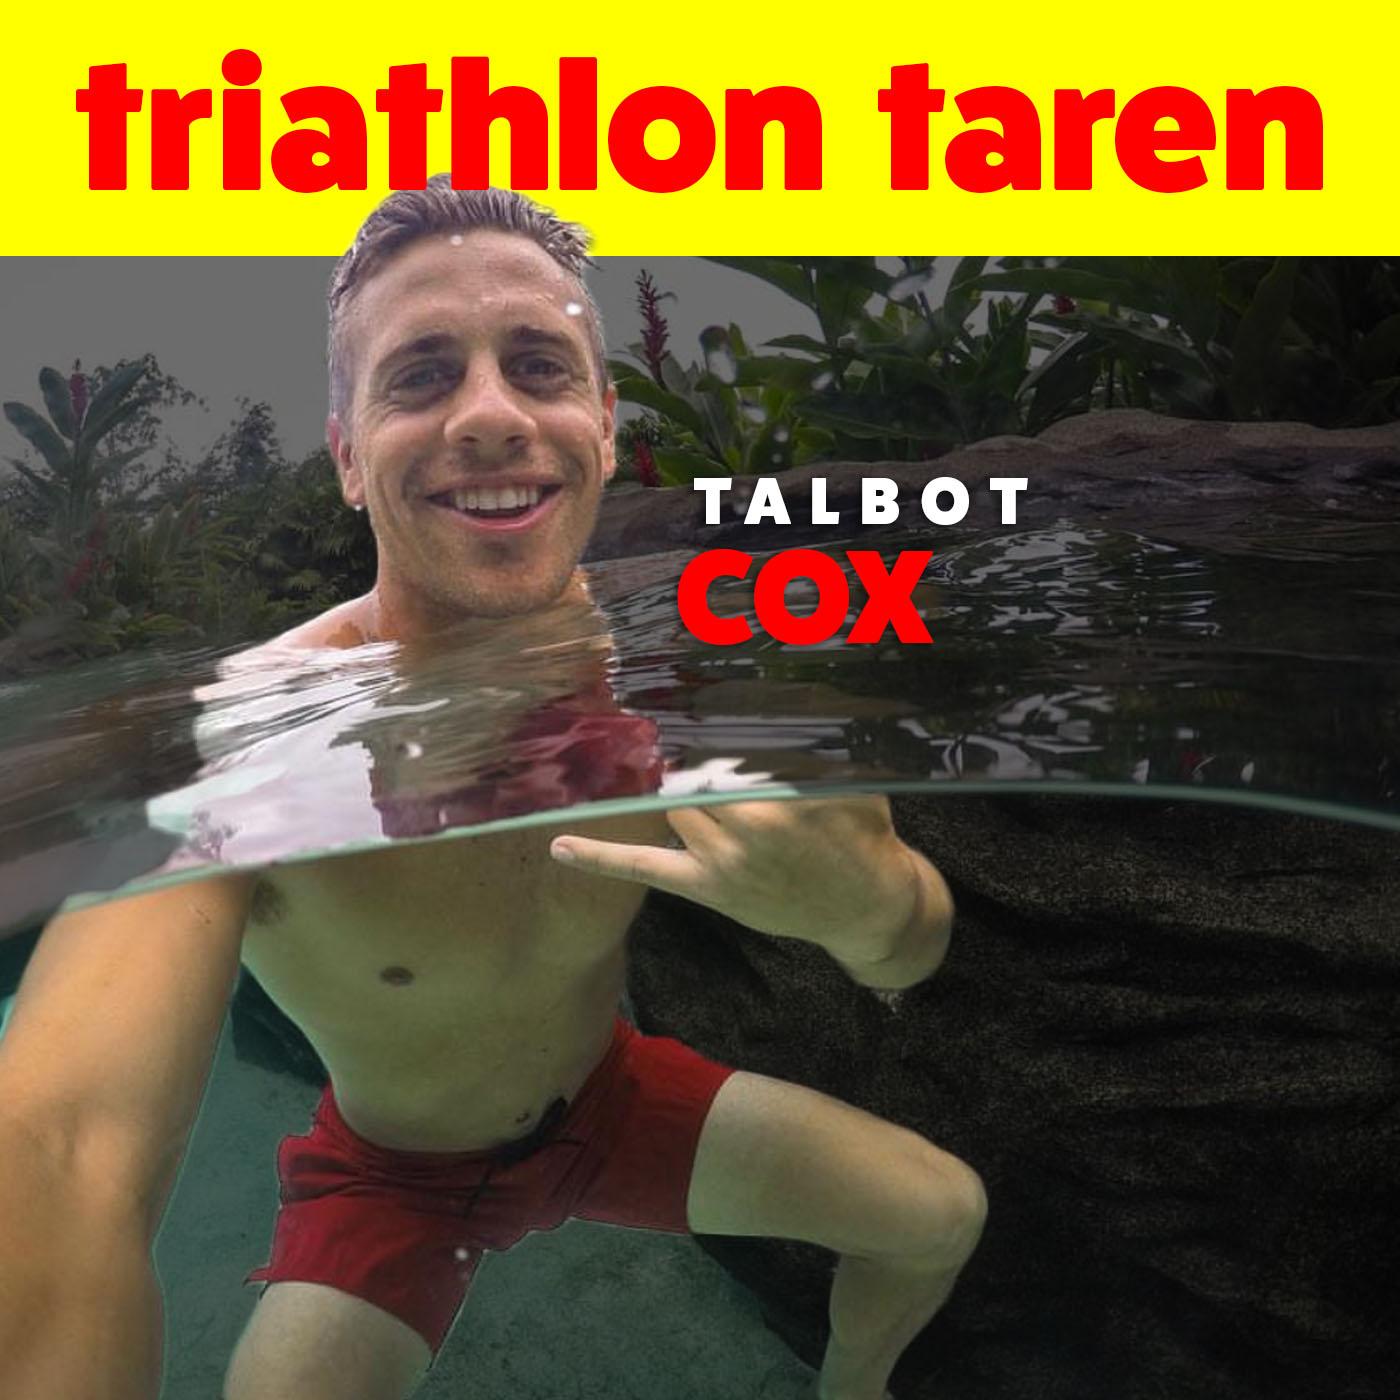 Talbot Cox | The man behind the camera for Lionel Sanders, Gwen Jorgensen and Mirinda Carfrae